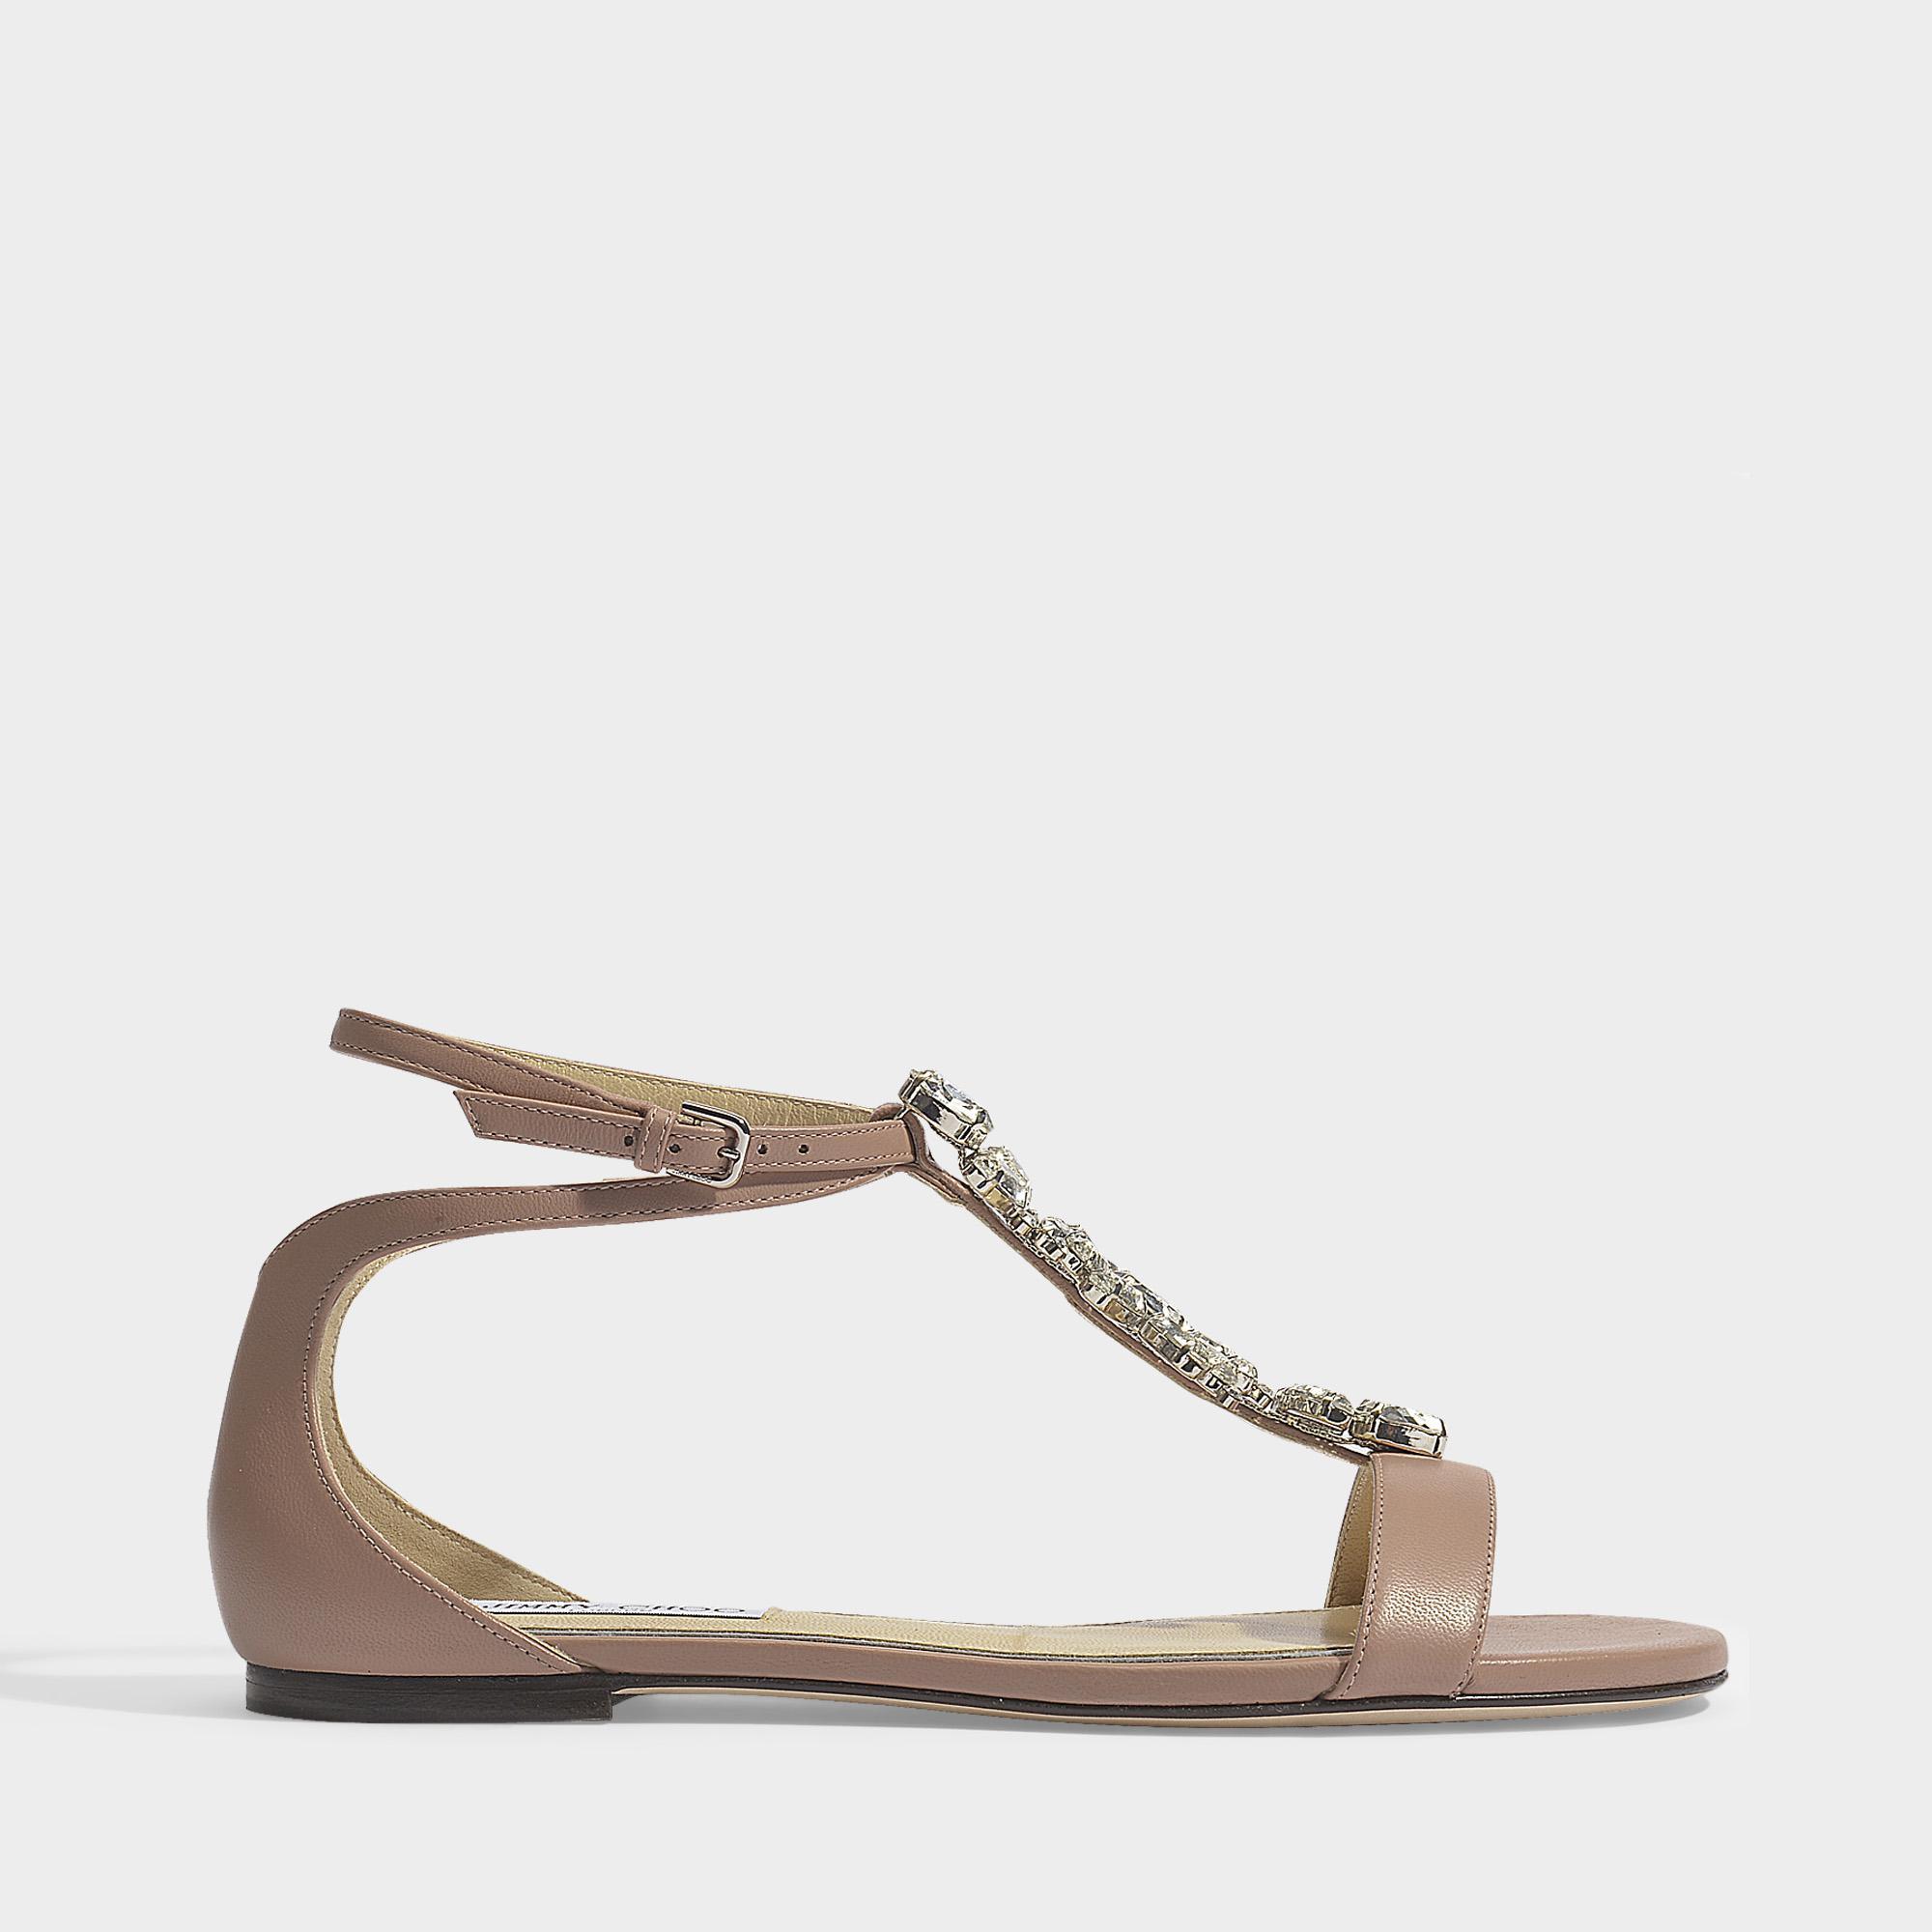 23def6f01fad03 ... top quality jimmy choo. womens averie flat sandals d8c25 9e5b9